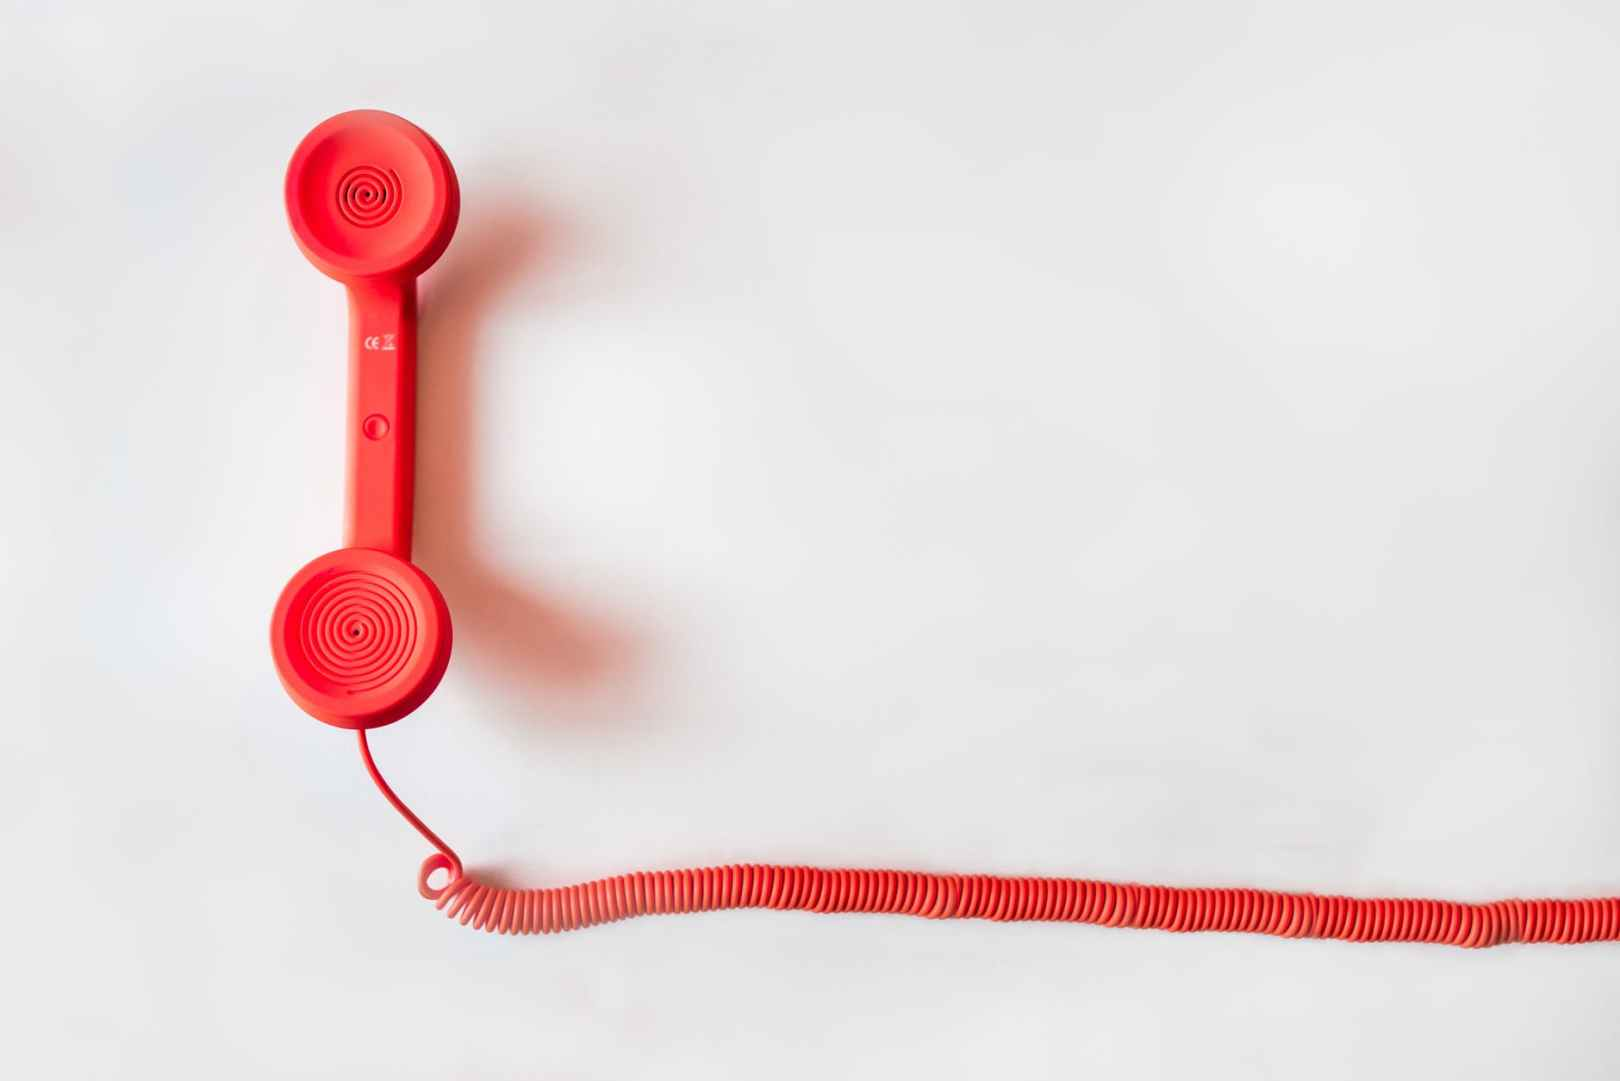 fraude téléphonique Microsoft arnaque appel